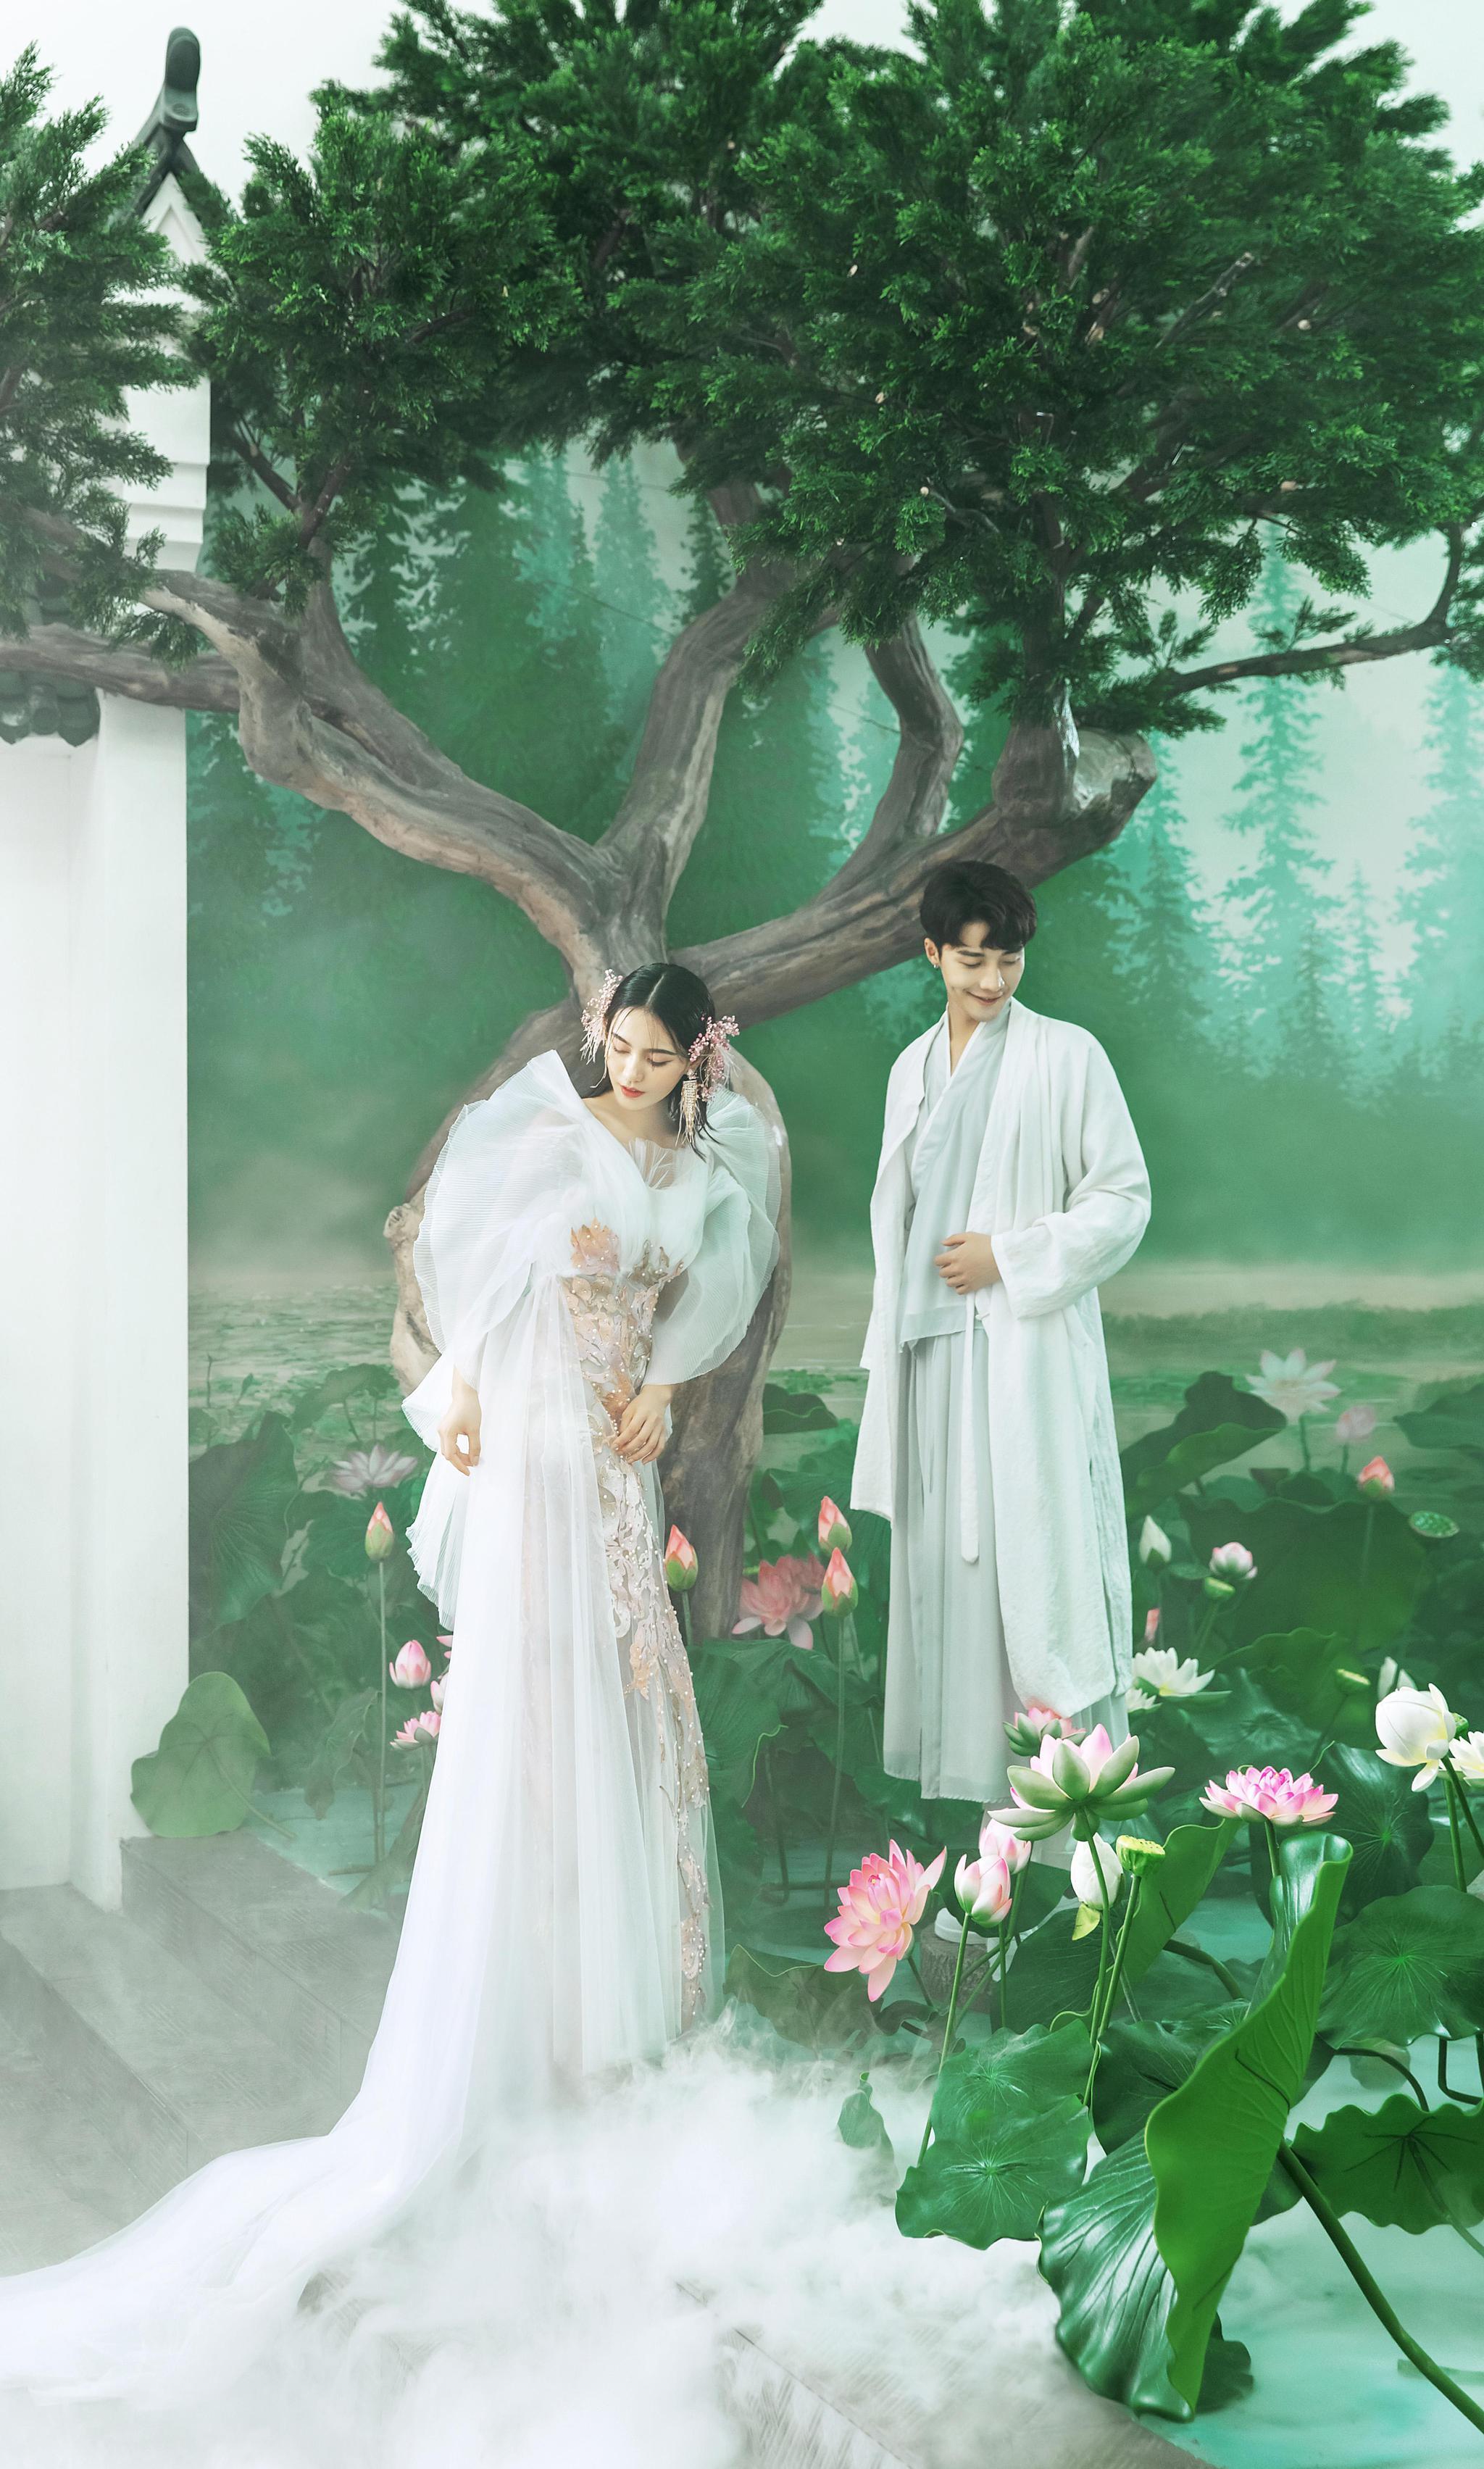 唯美时尚,上海旅拍婚纱照新潮流,来一组狐仙书生的浪漫婚纱照